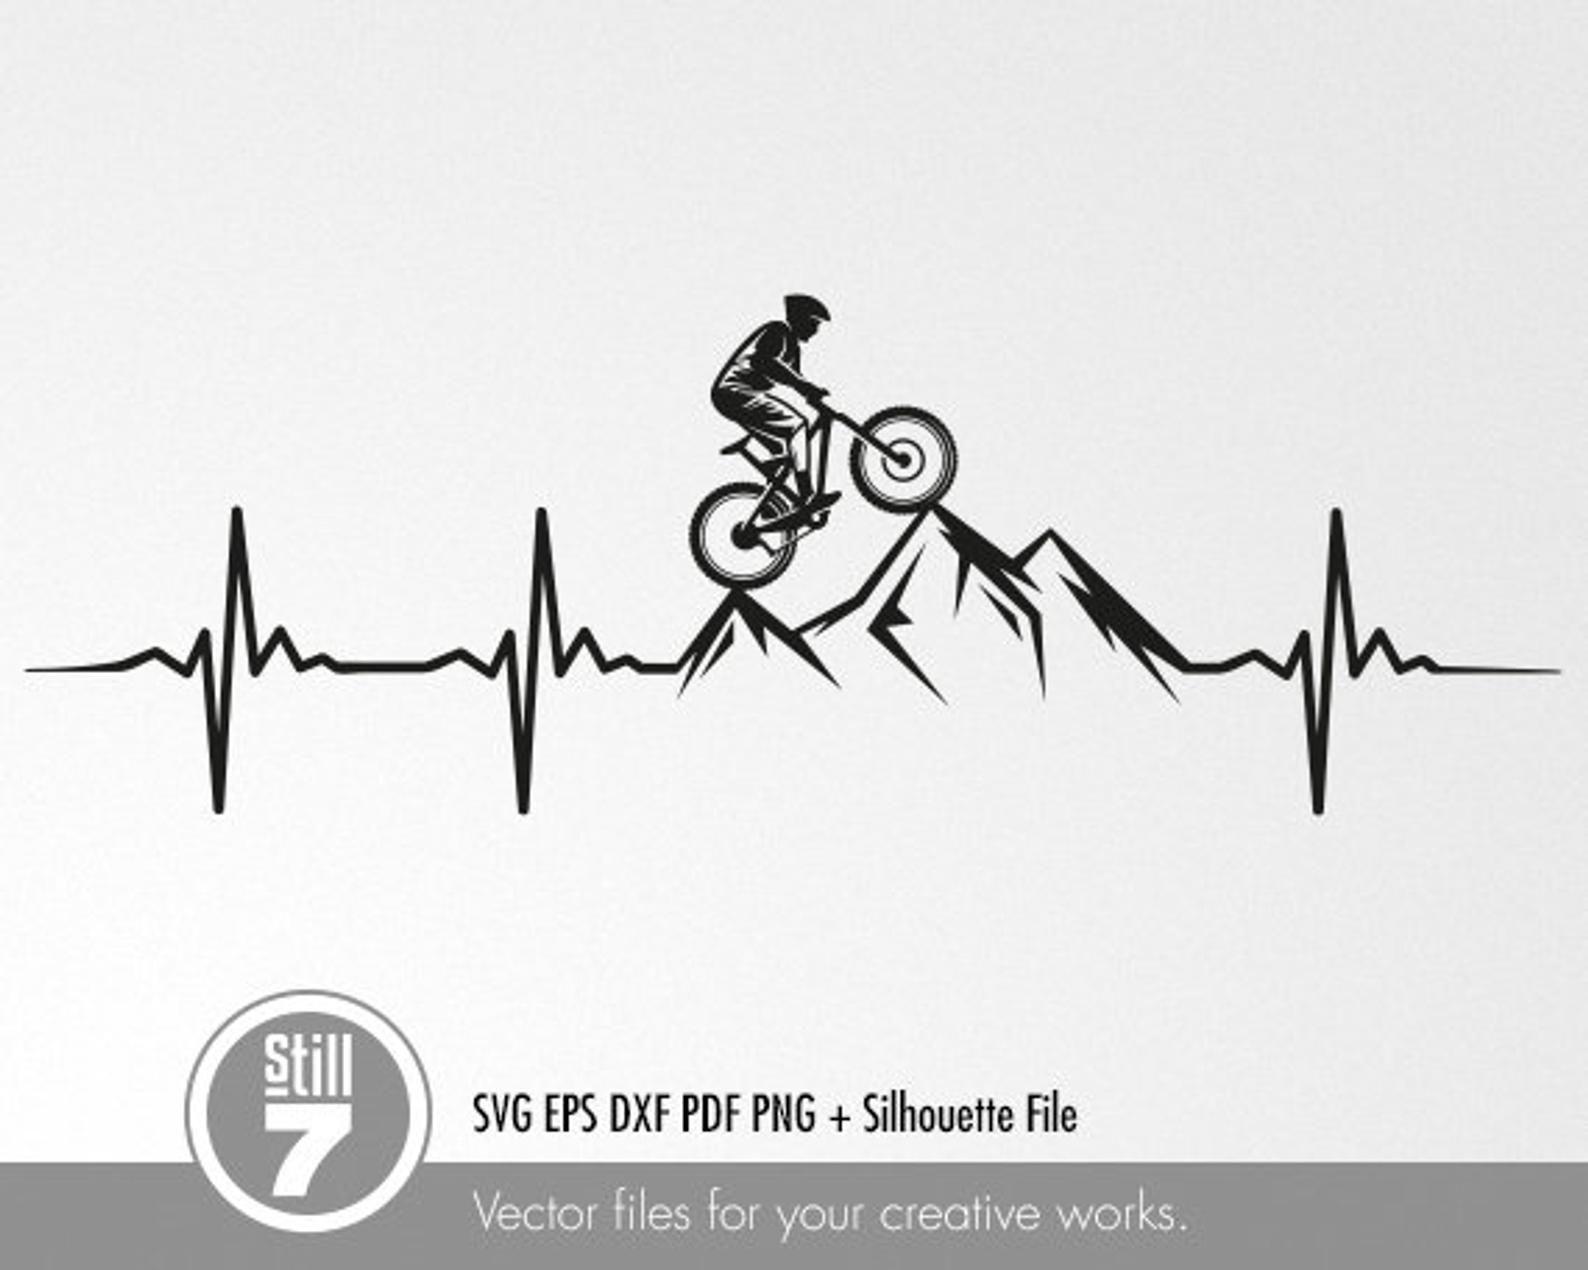 Mtb Svg Mountain Bike Svg Man Mountain Biker Svg Downhill Svg Eps Png Pdf Dxf Svg Silhouette File Bike Drawing Mountain Bike Art Bike Logos Design